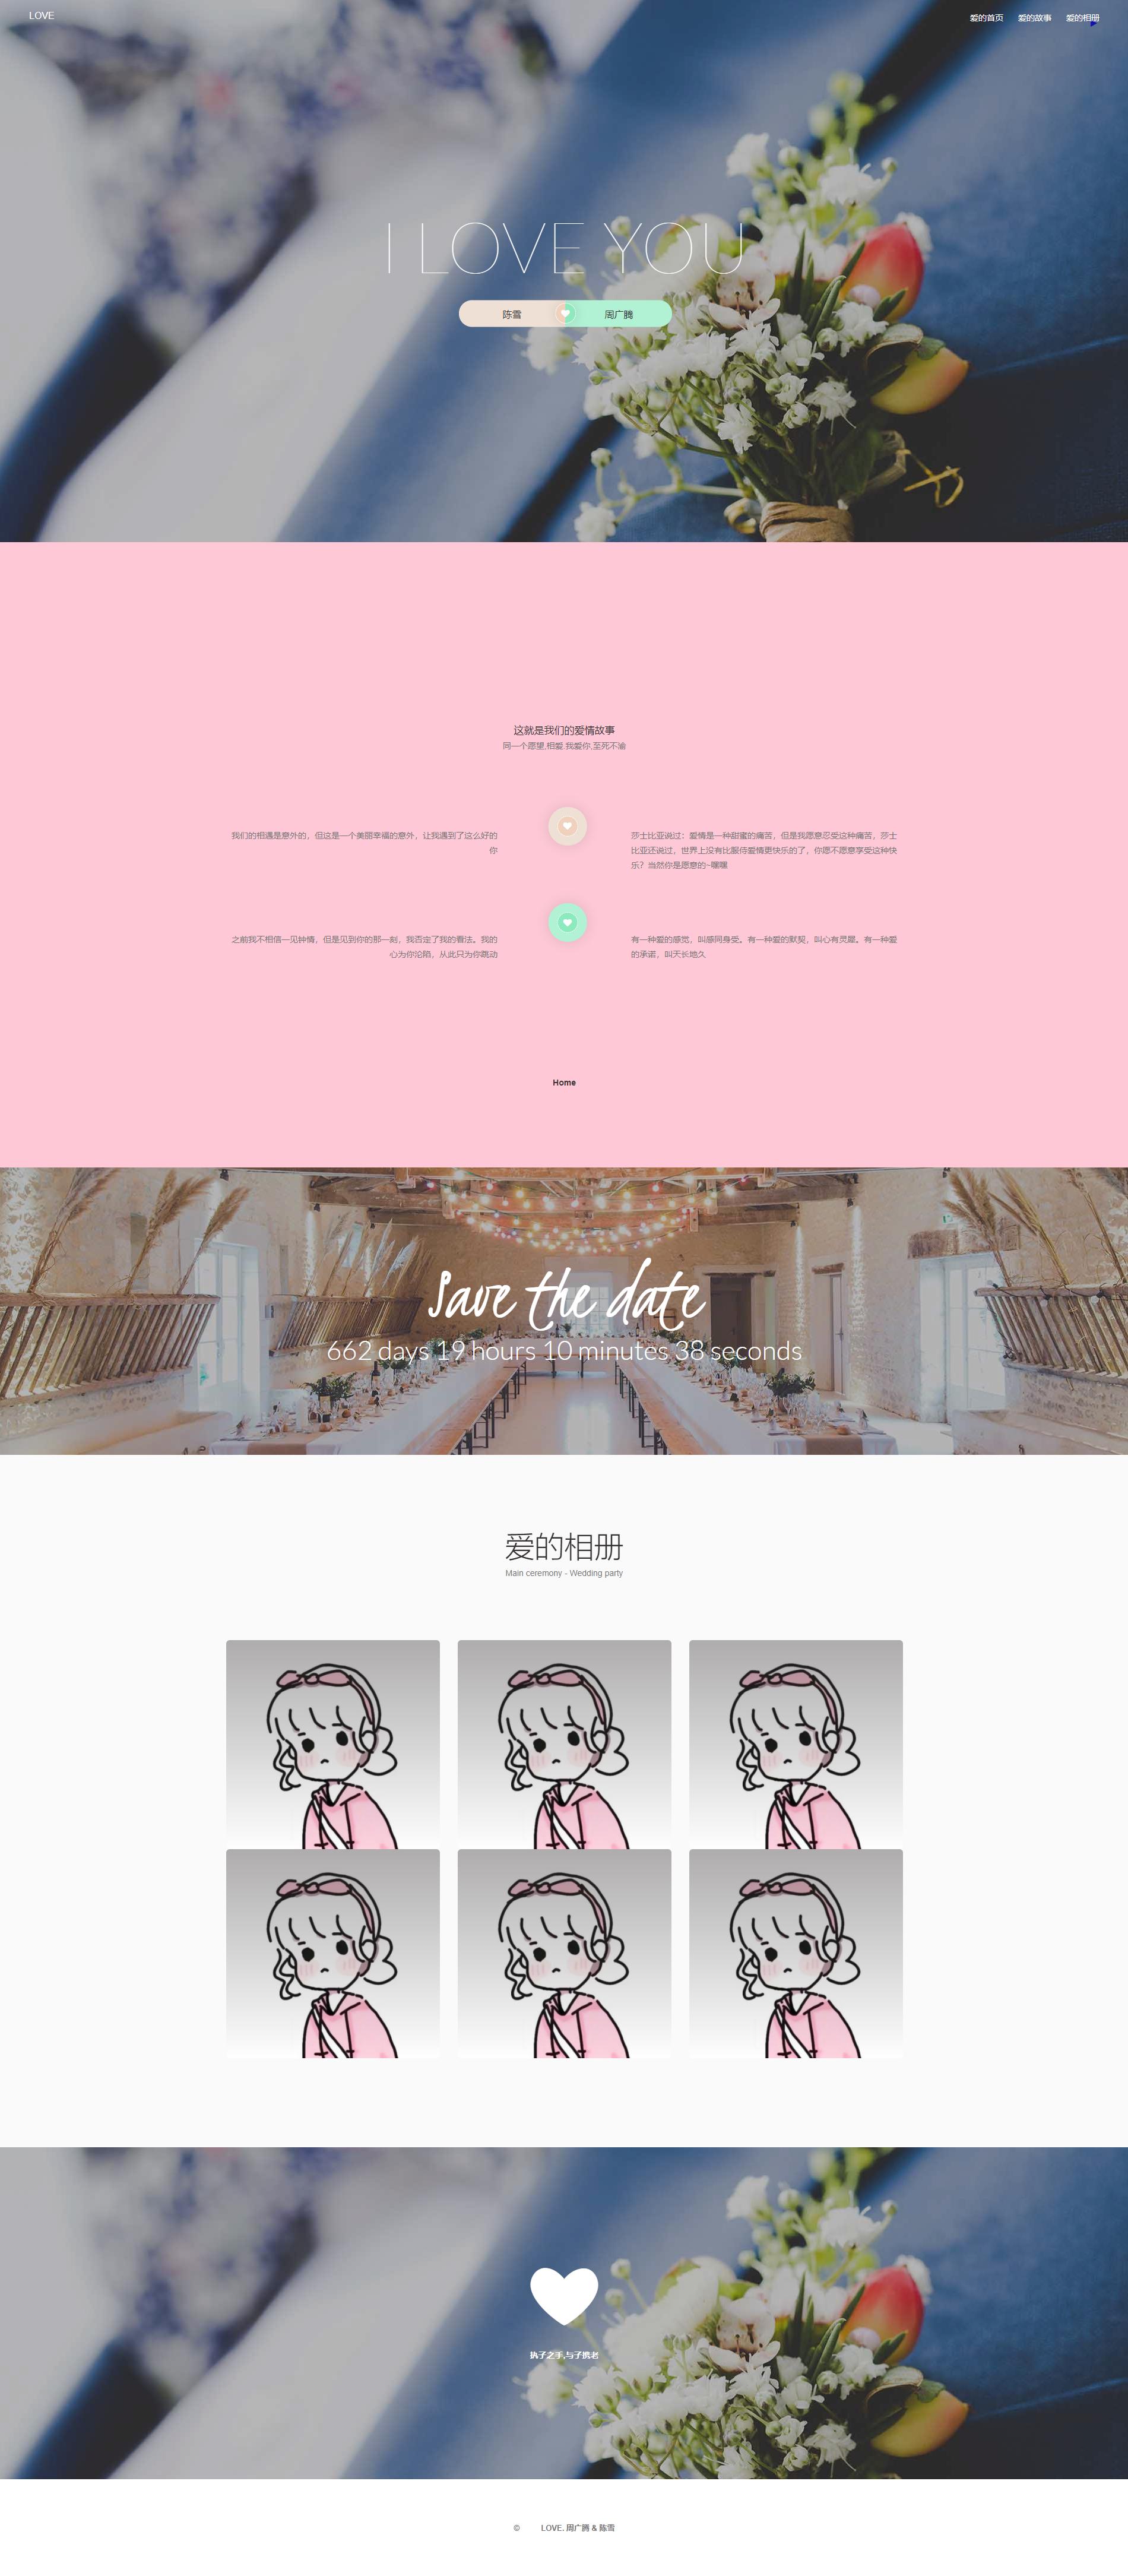 执子之手简约唯美的表白网站HTML源码图片